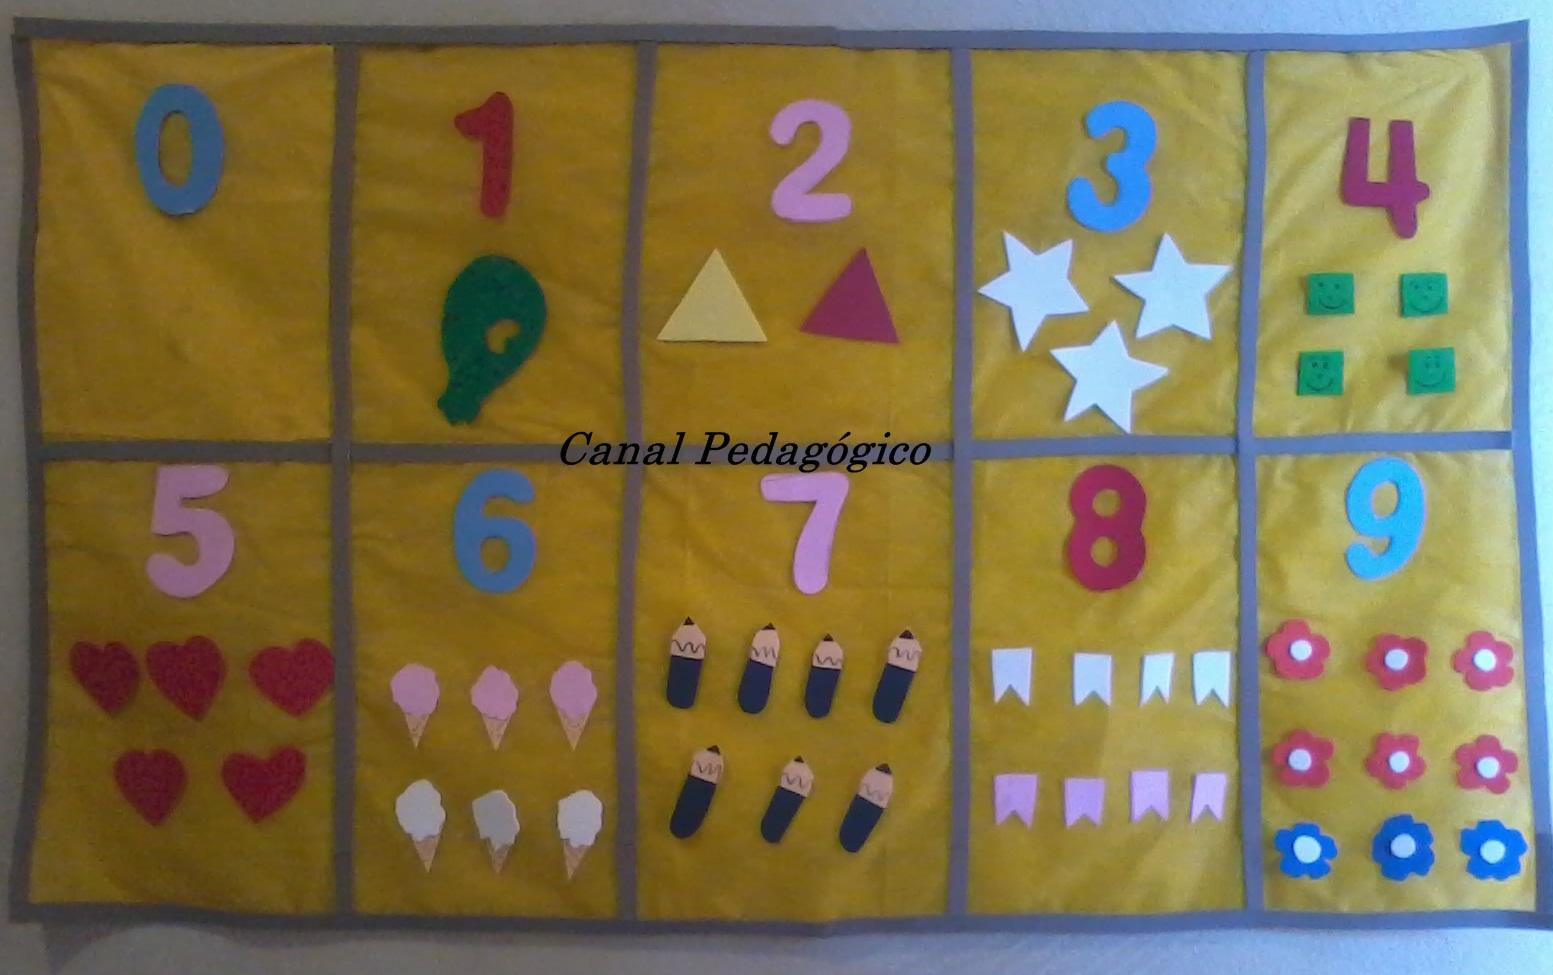 Sala De Educao Infantil Decorada Sala De Educao Infantil Decorada  -> Decoracao Sala De Aula Ensino Fundamental